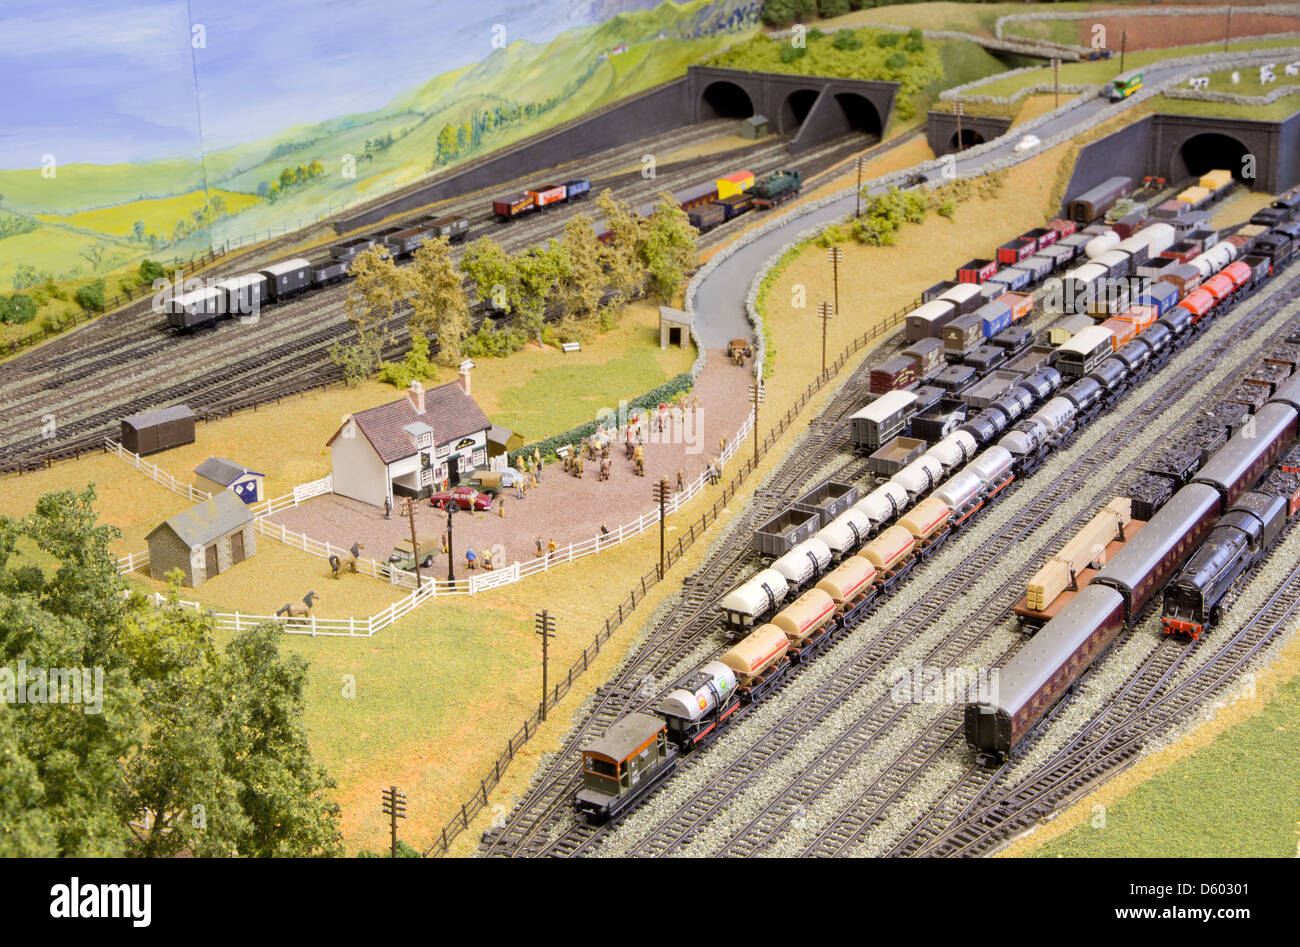 Detail of an 'N' gauge model railway set - Stock Image